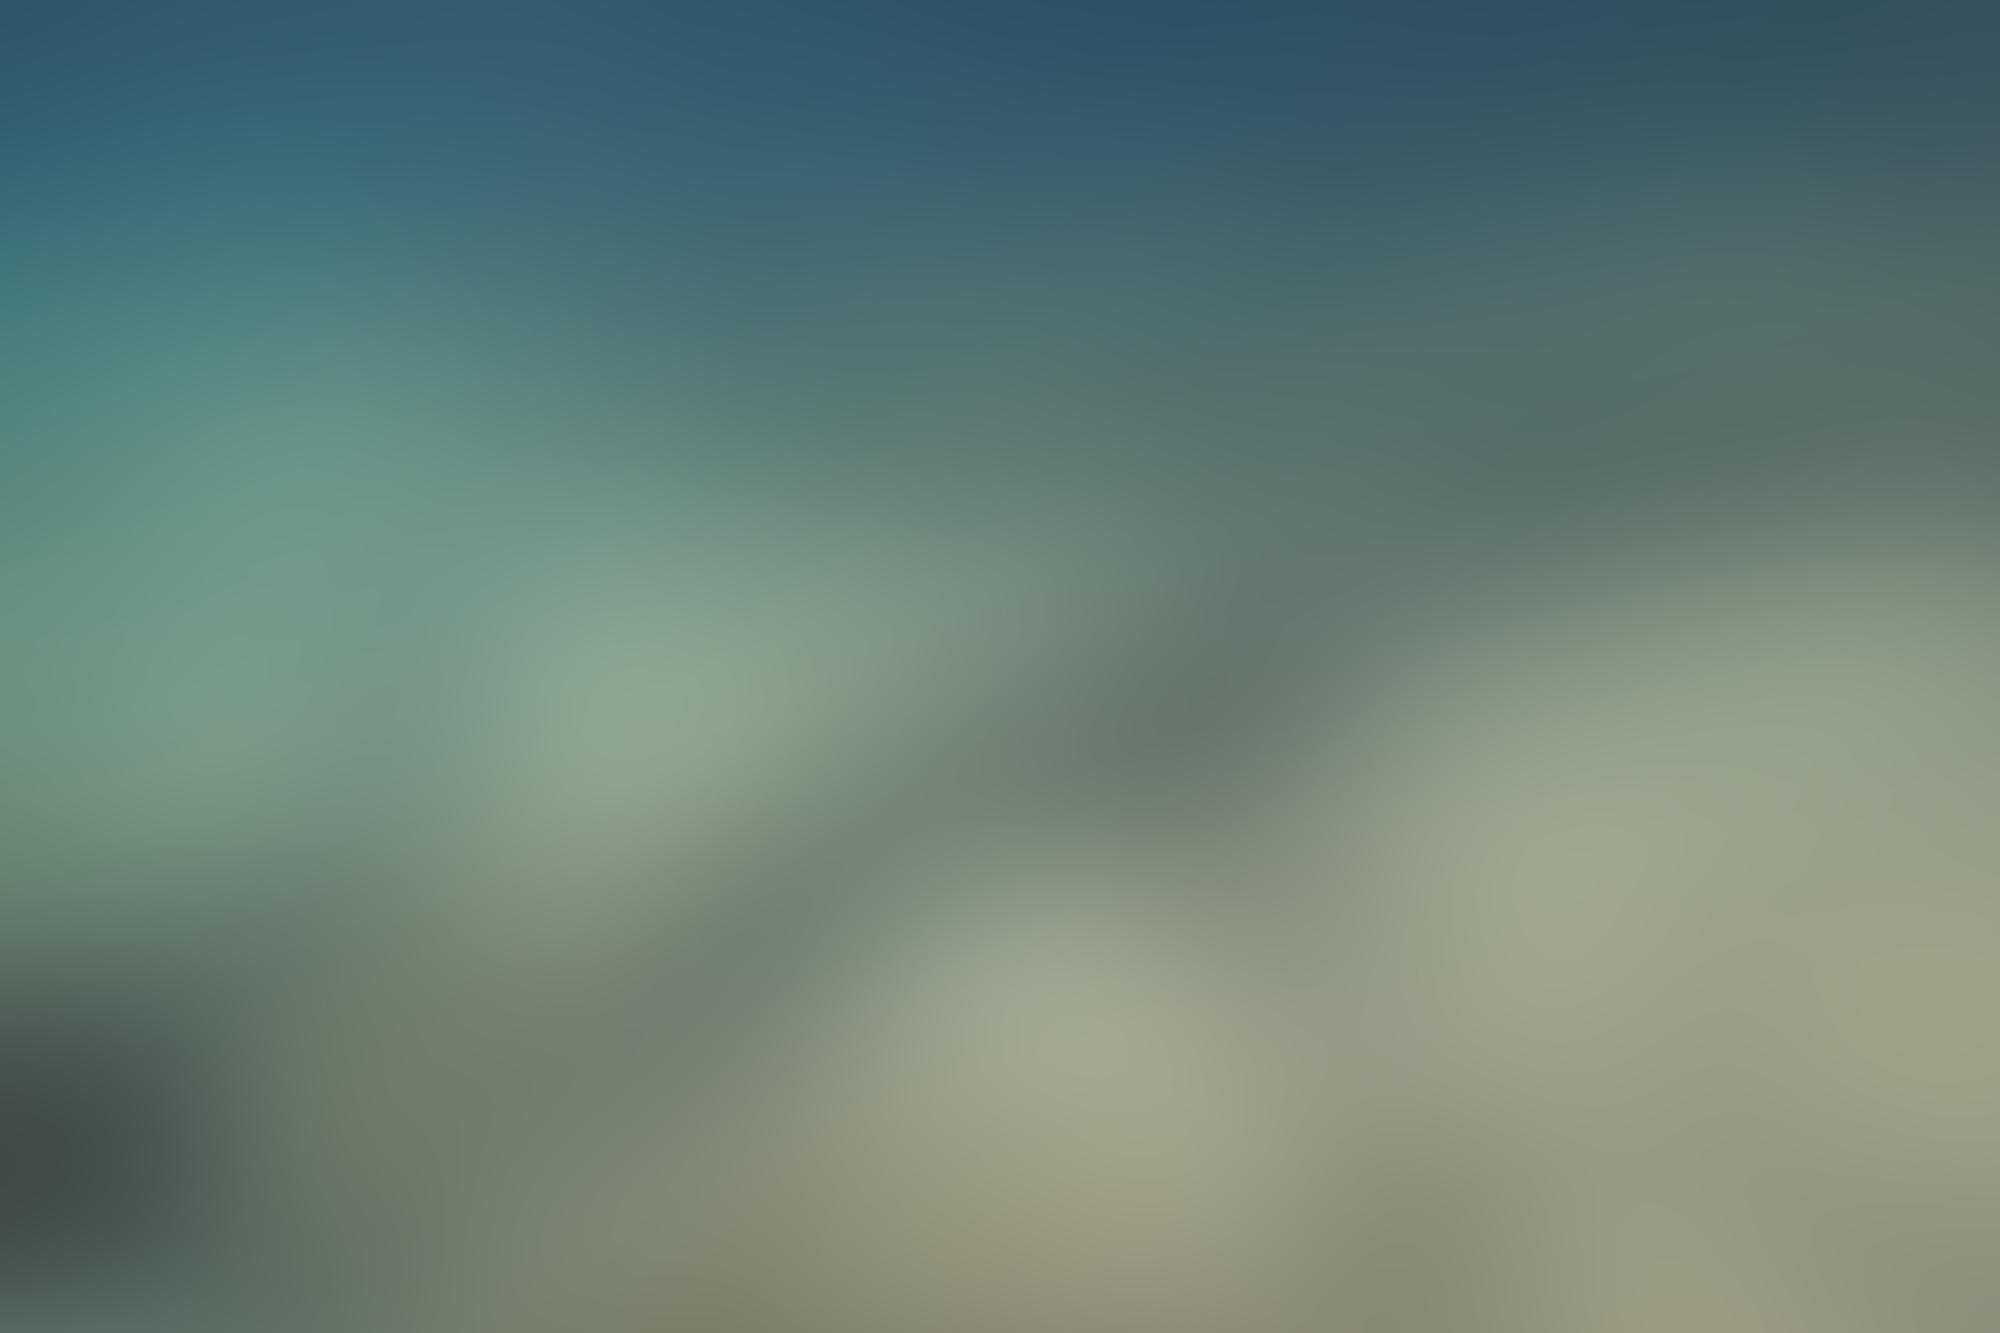 underwater-blurred-background-2000